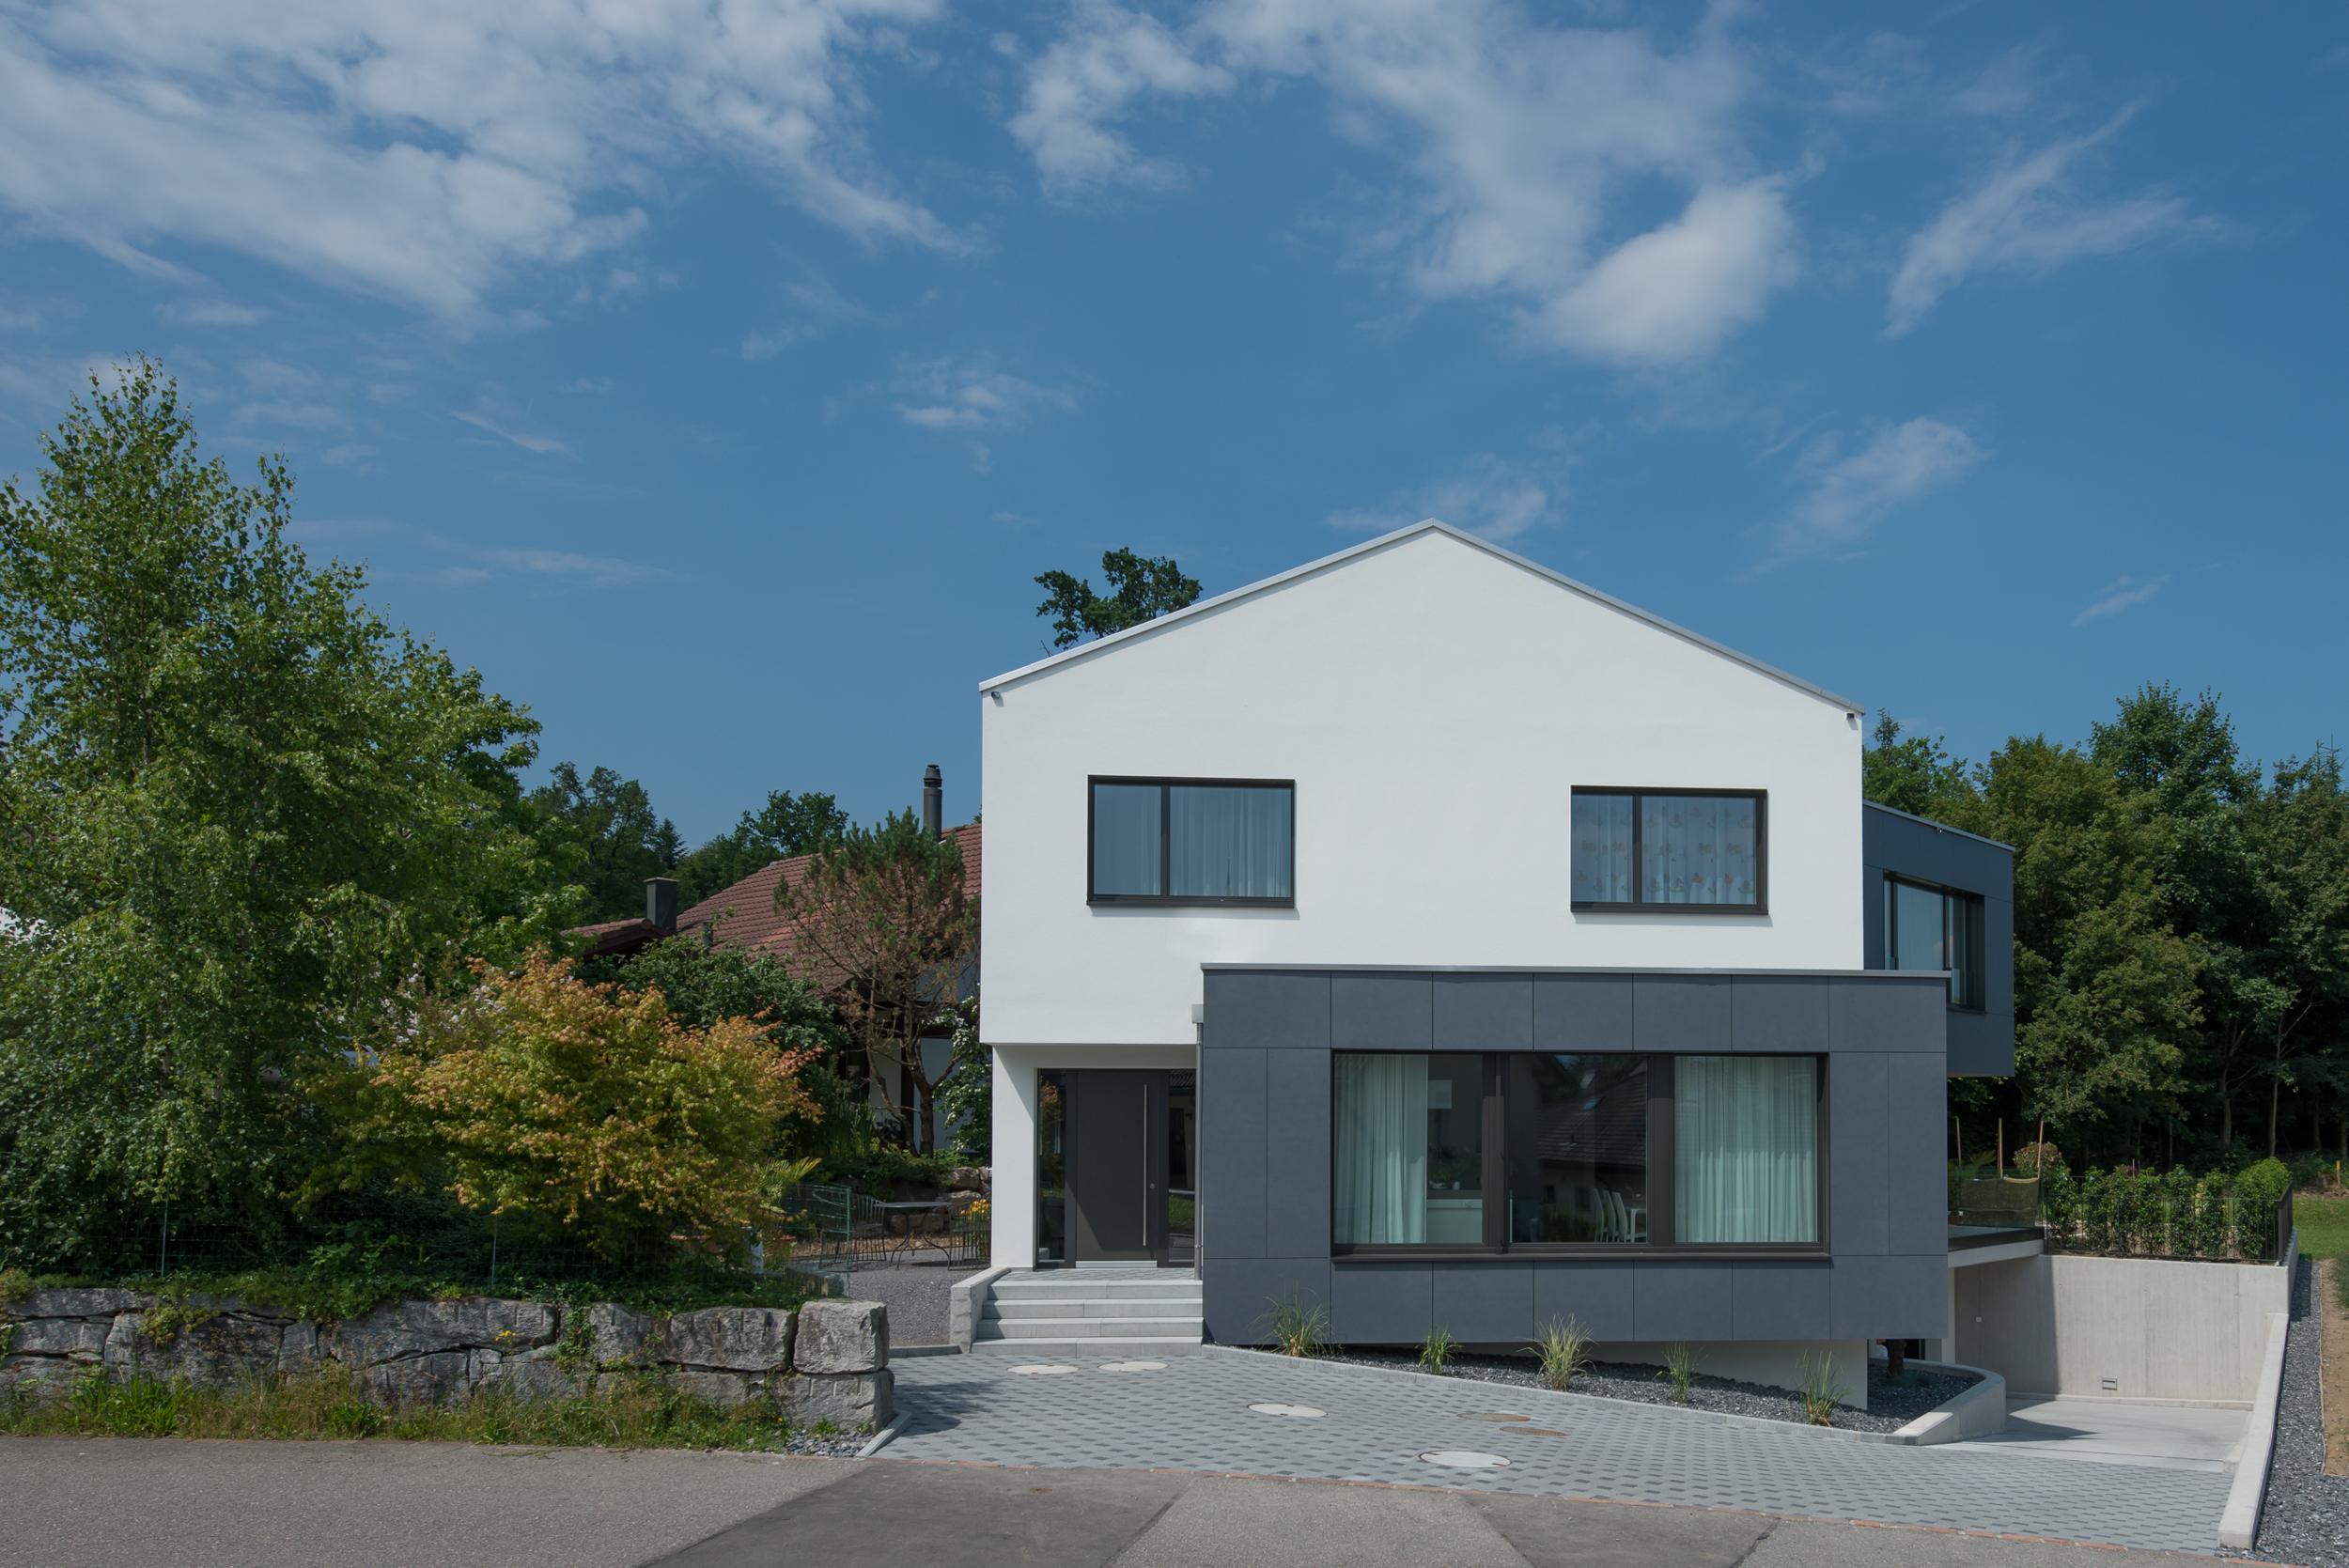 Architekturfotografie_Wohnbauten-72.jpg